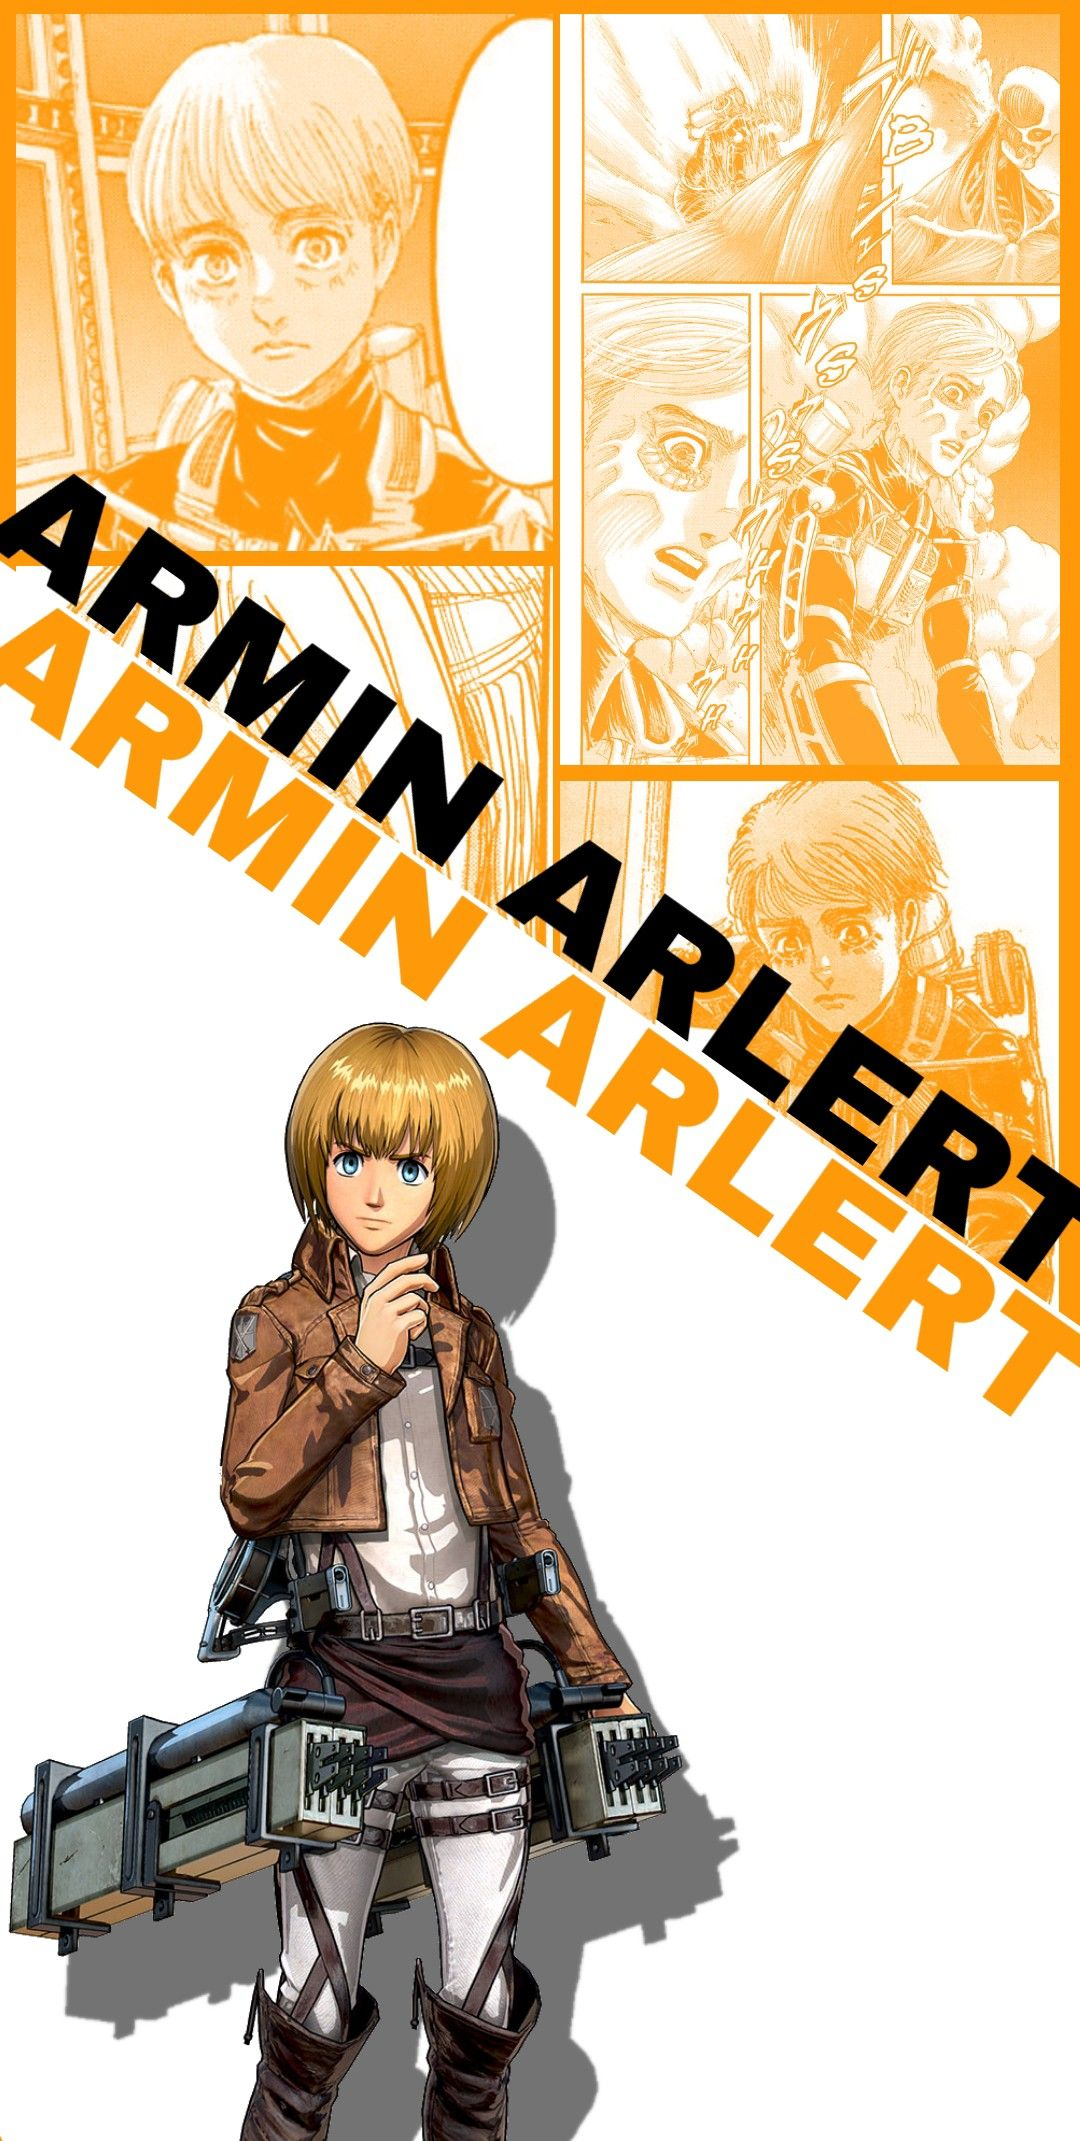 Armin Arlert Wallpaper In 2020 Cute Anime Wallpaper Attack On Titan Anime Anime Wallpaper